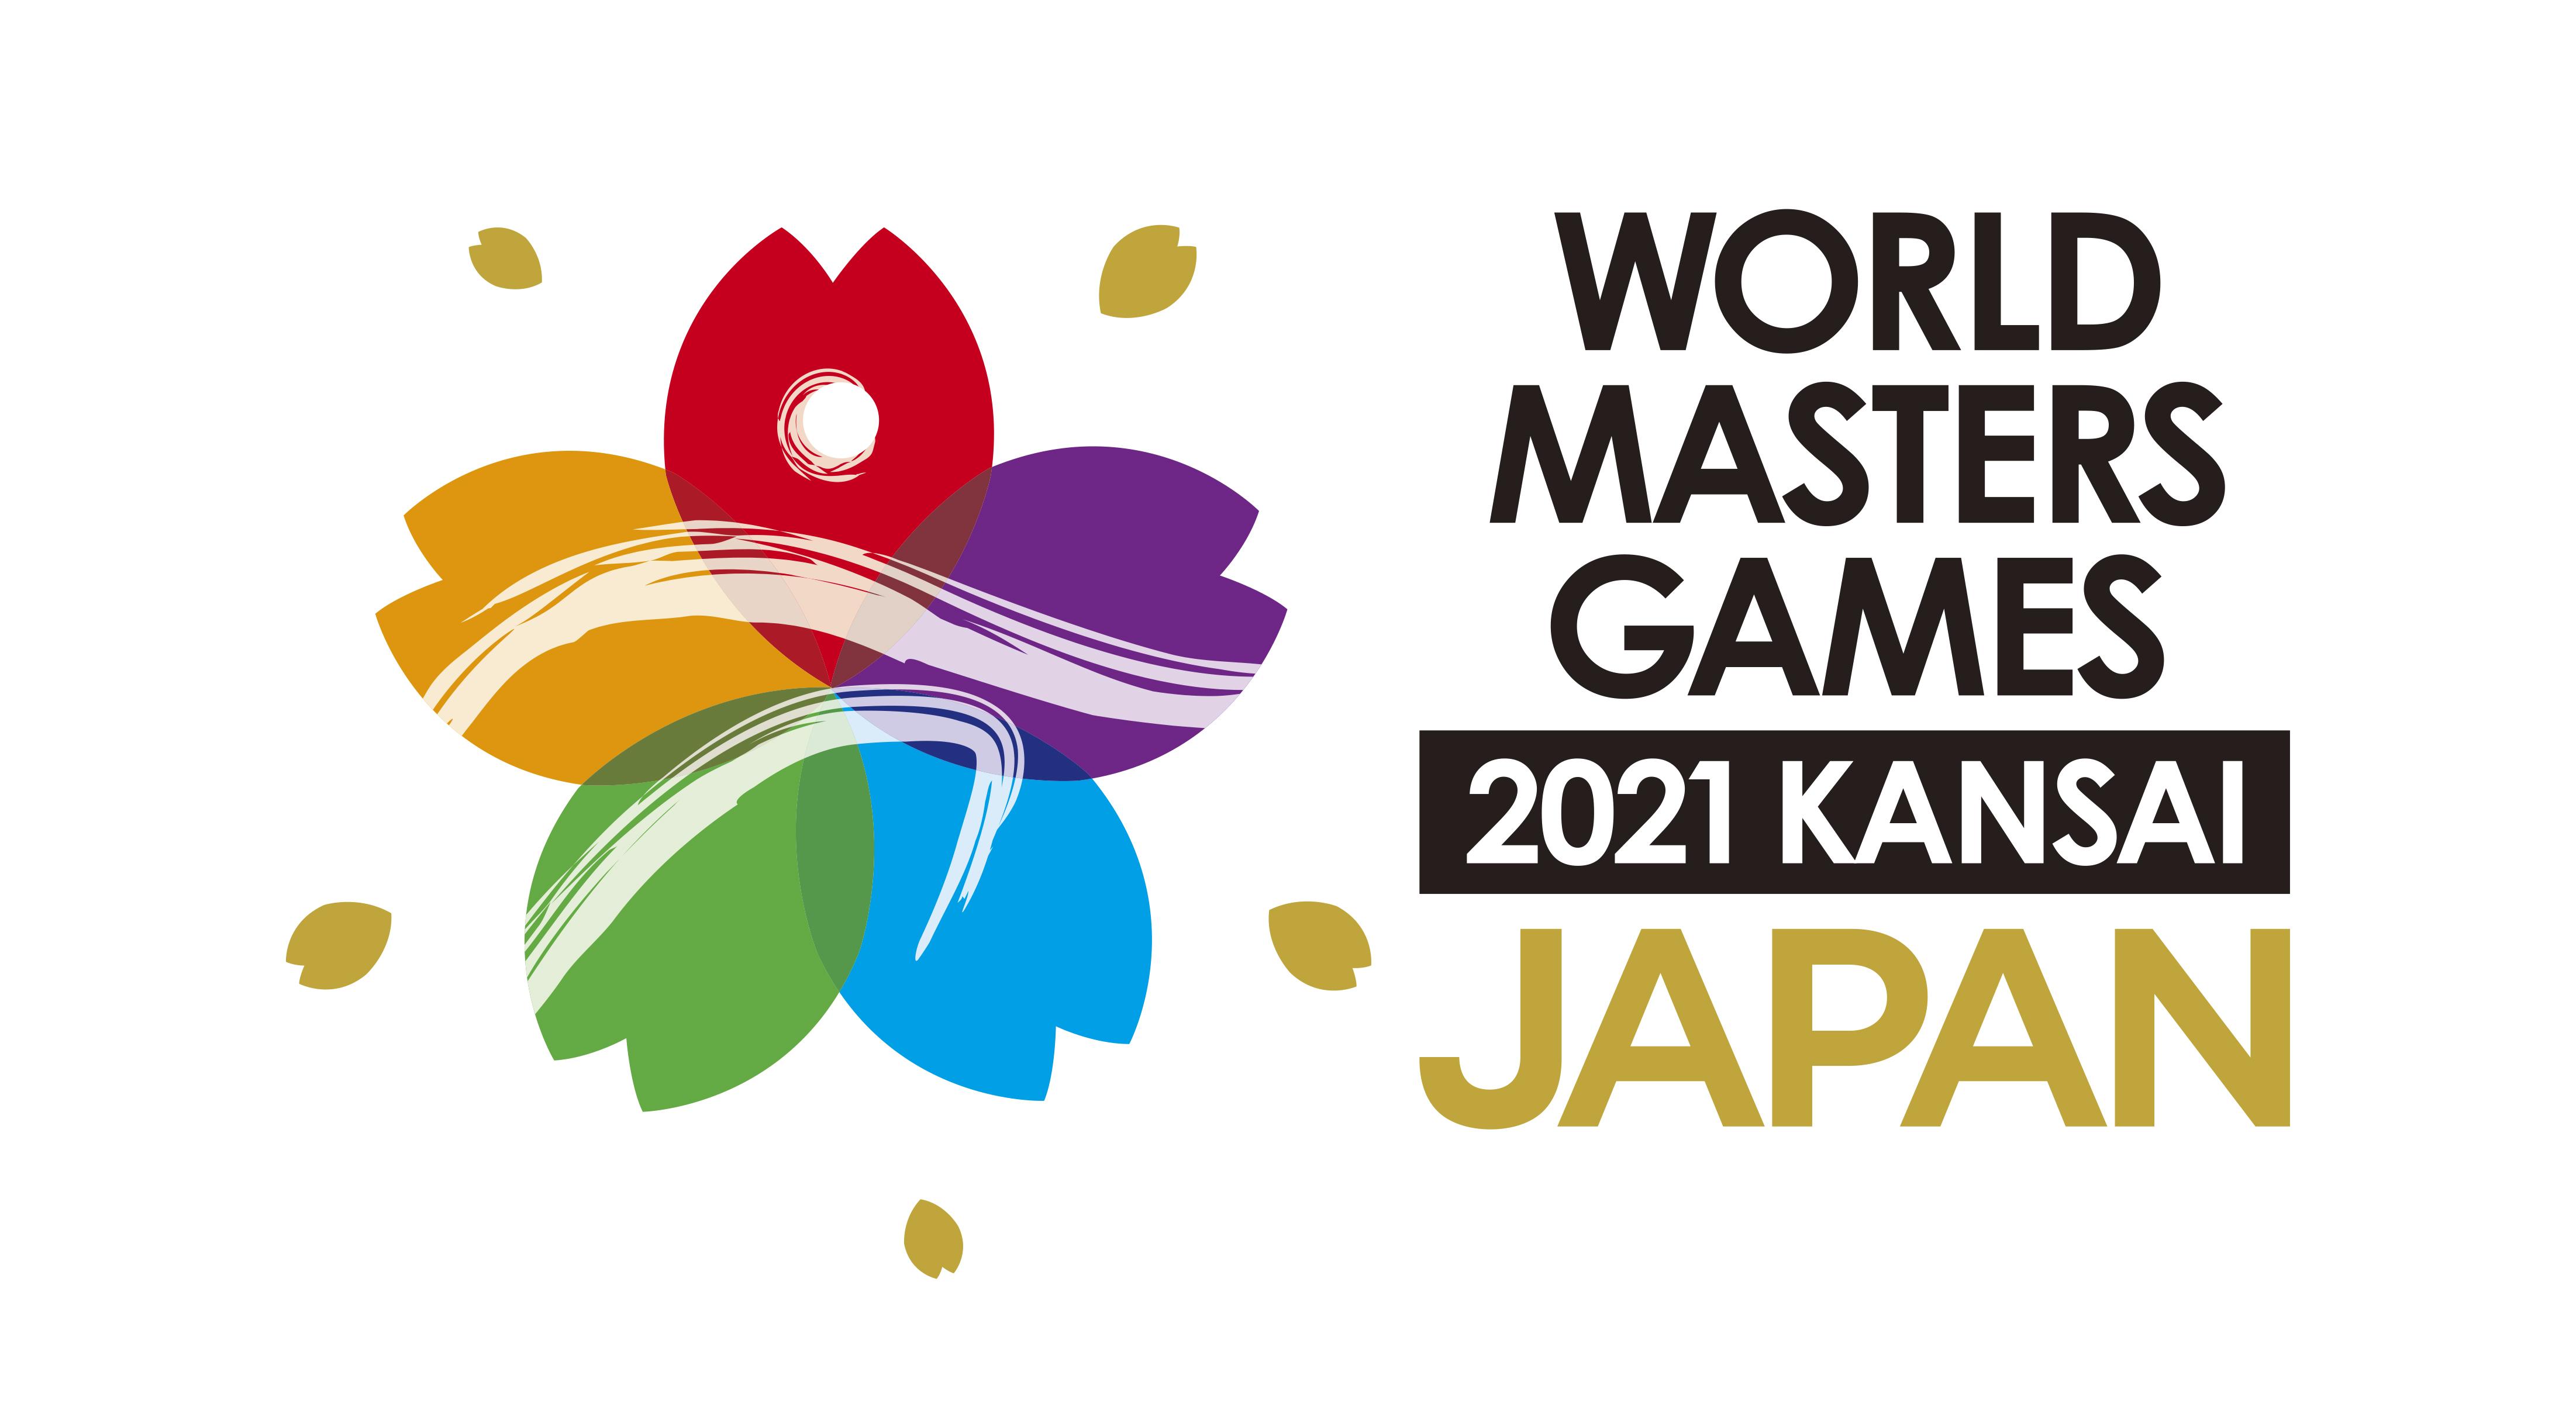 ワールドマスターズゲームズ2021関西・2022年5月開催の大会日程および競技別実施要項を発表・エントリー再開は5月13日(予定)